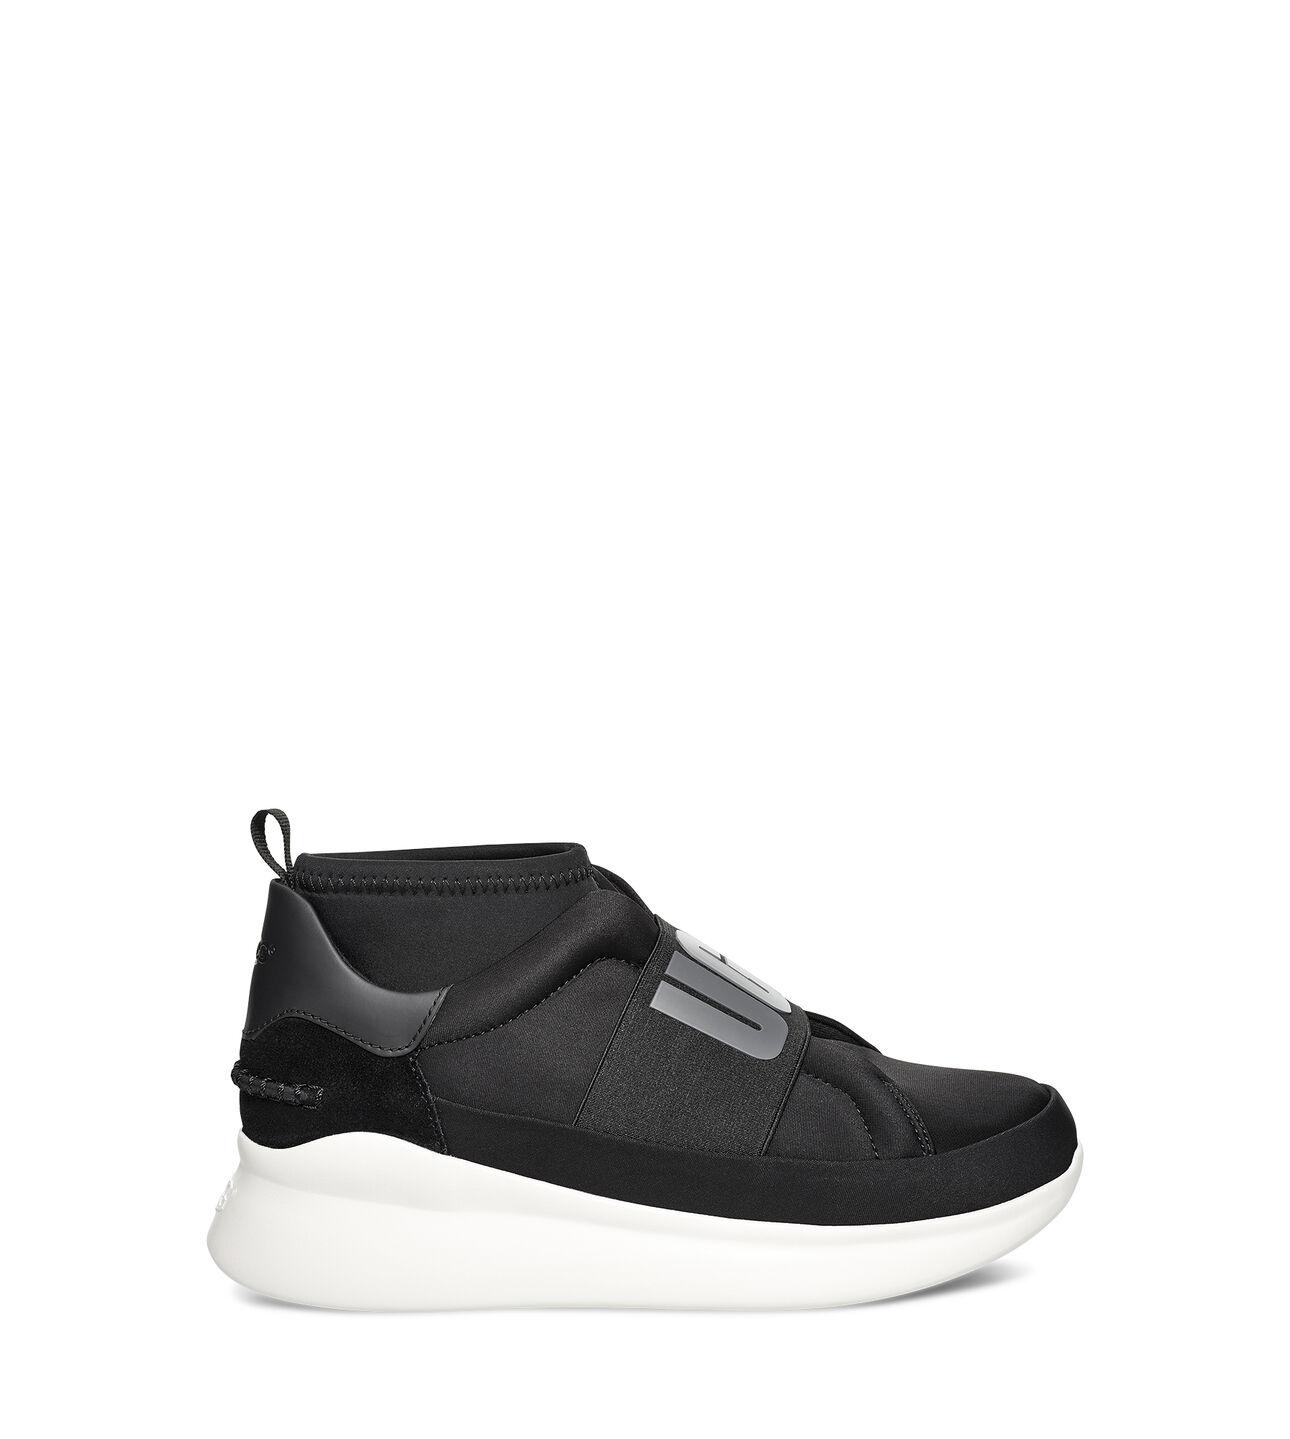 d8a560b6763 Neutra Sneaker